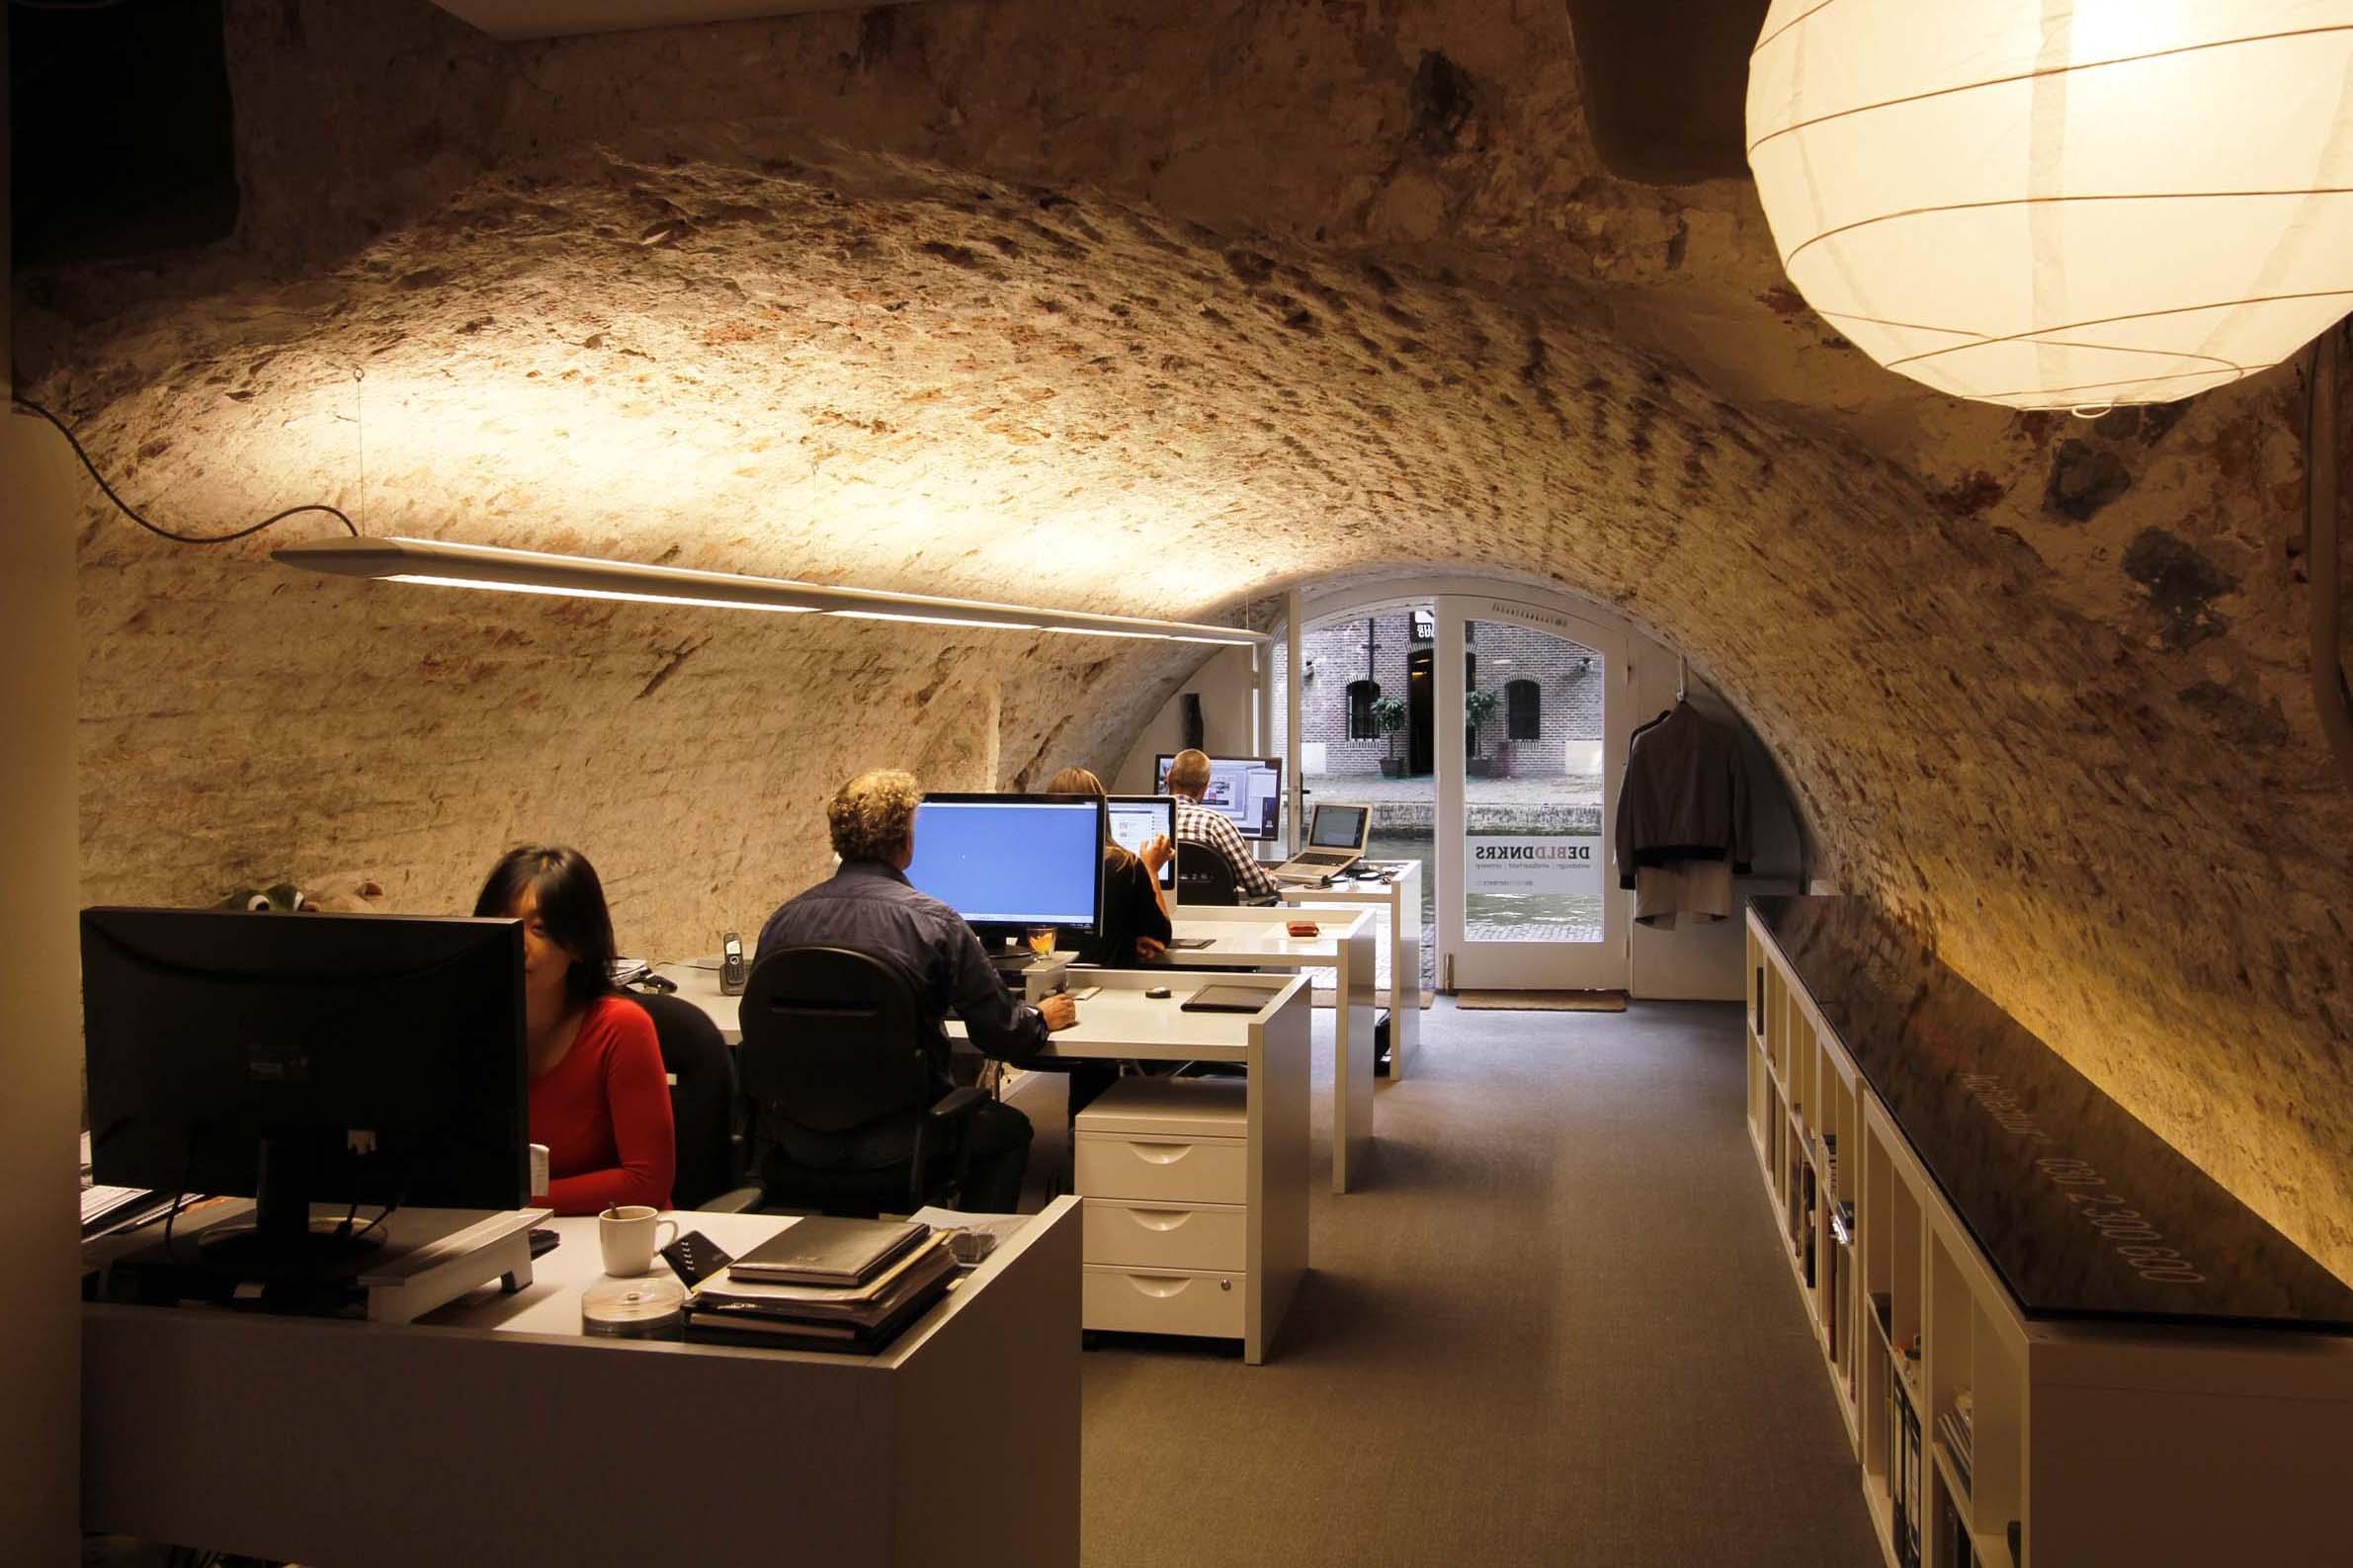 Lukas de jong architectuur architect utrecht bureau kantoorinterieur - Decoratie ontwerp kantoor ontwerp ...